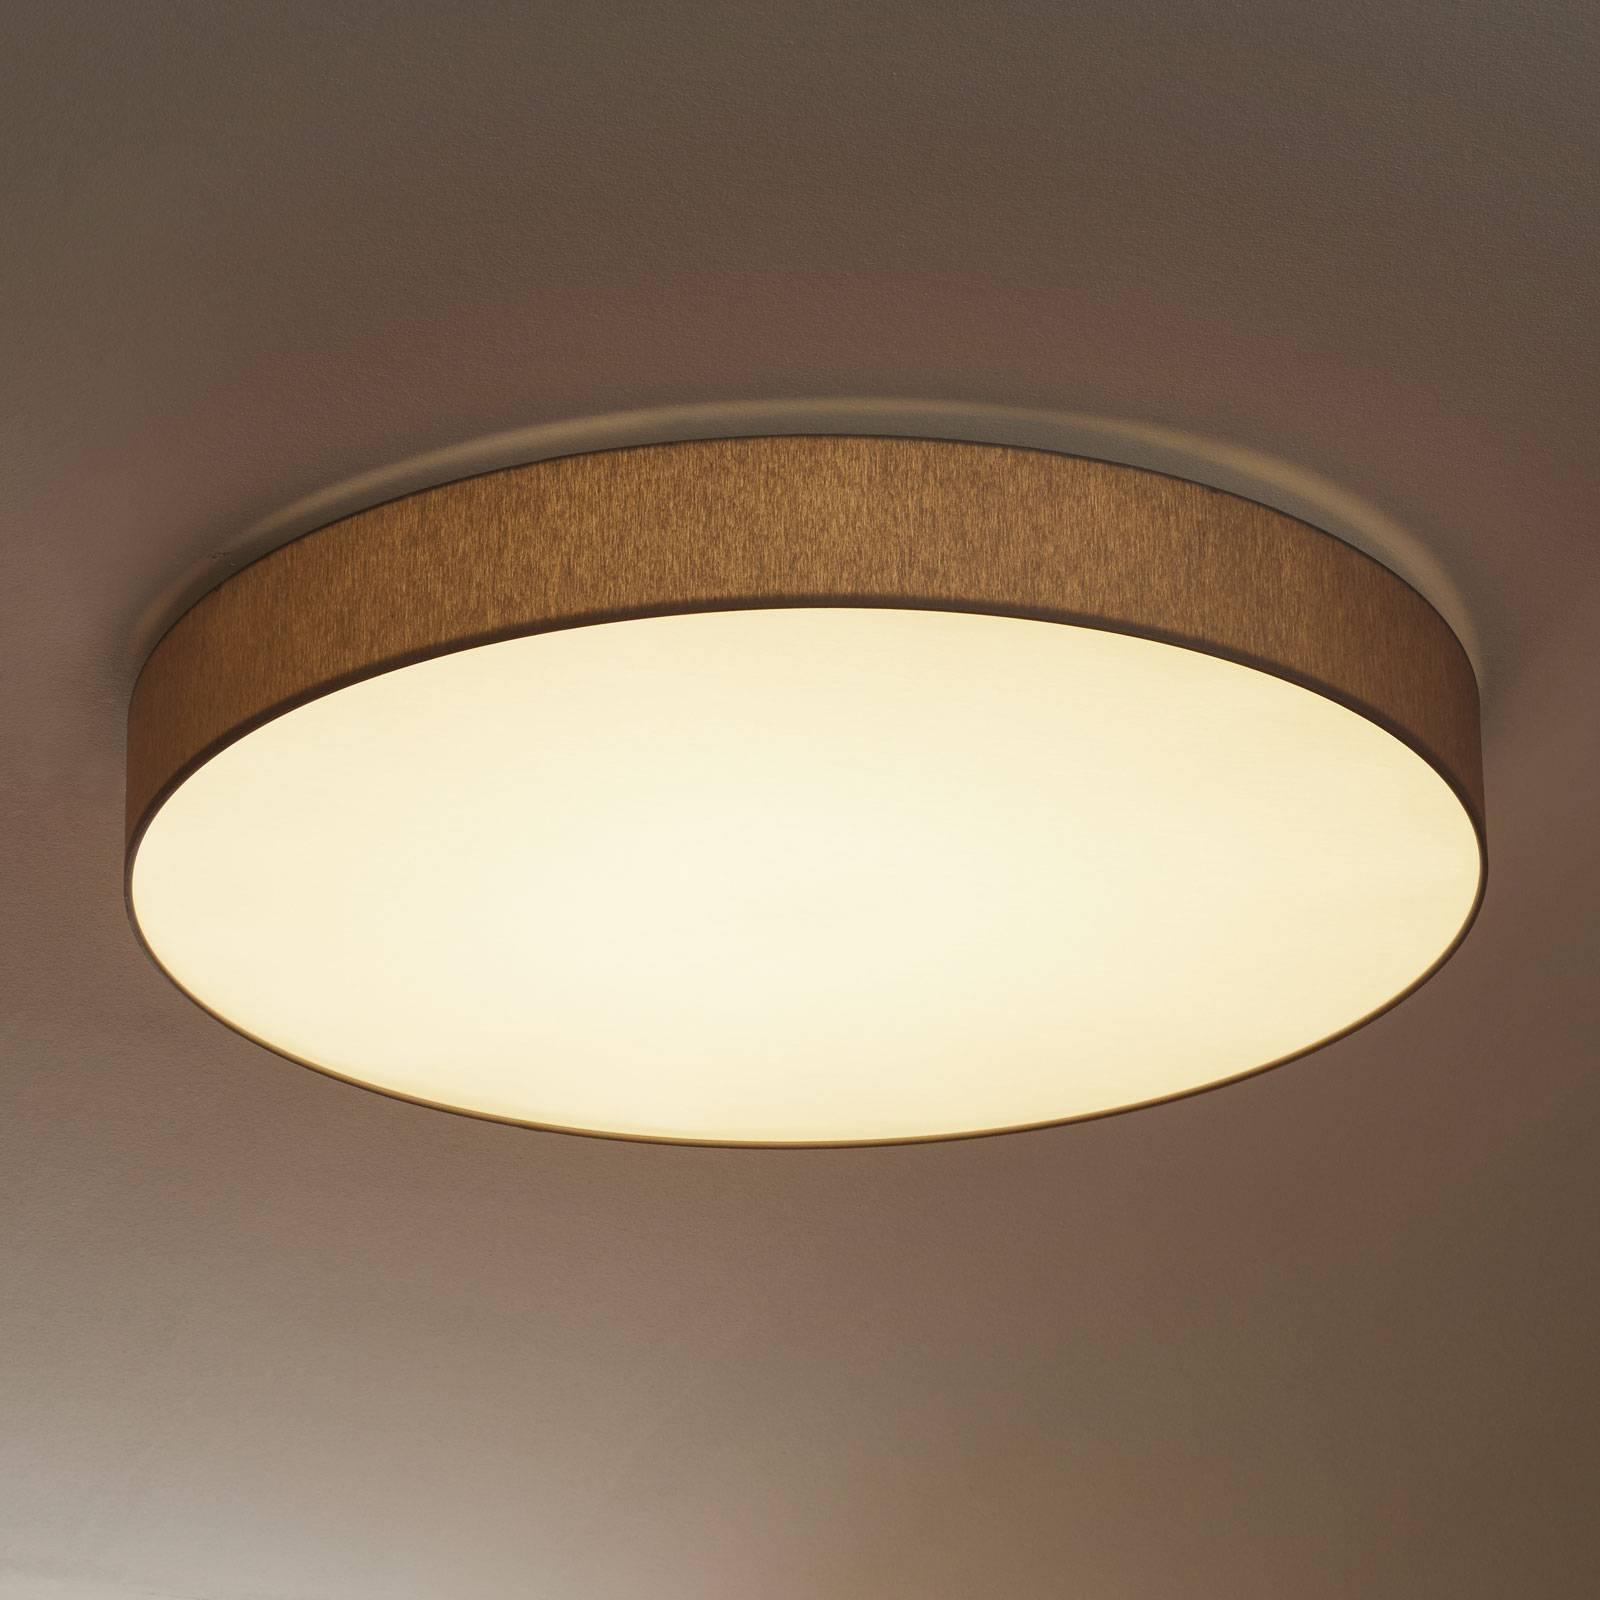 Plafoniera LED rotonda Luno con funzione dimming